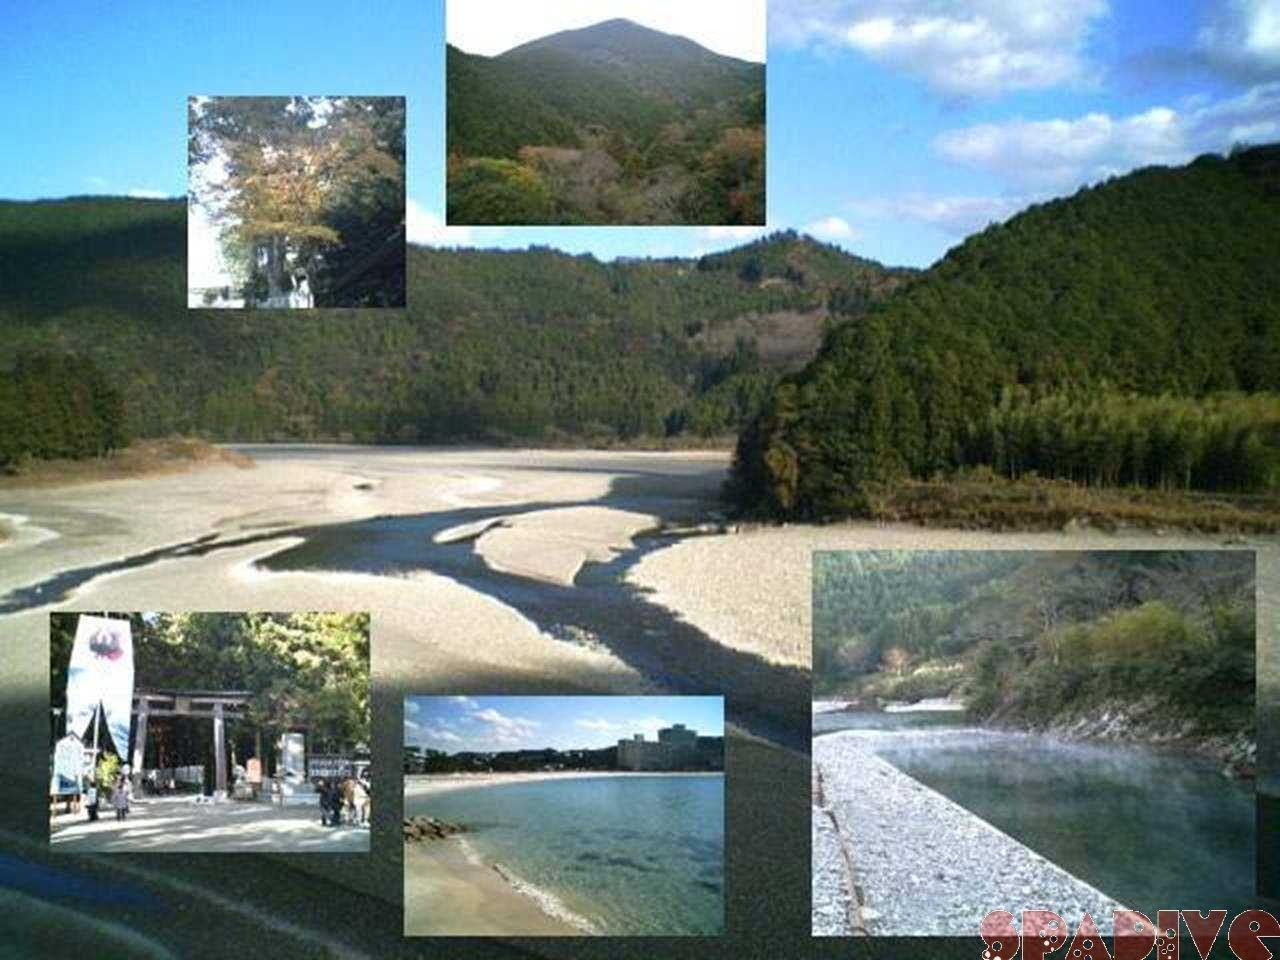 愛車と熊野古道ドライブ 川湯温泉混浴露天『仙人風呂』 12/8/2005